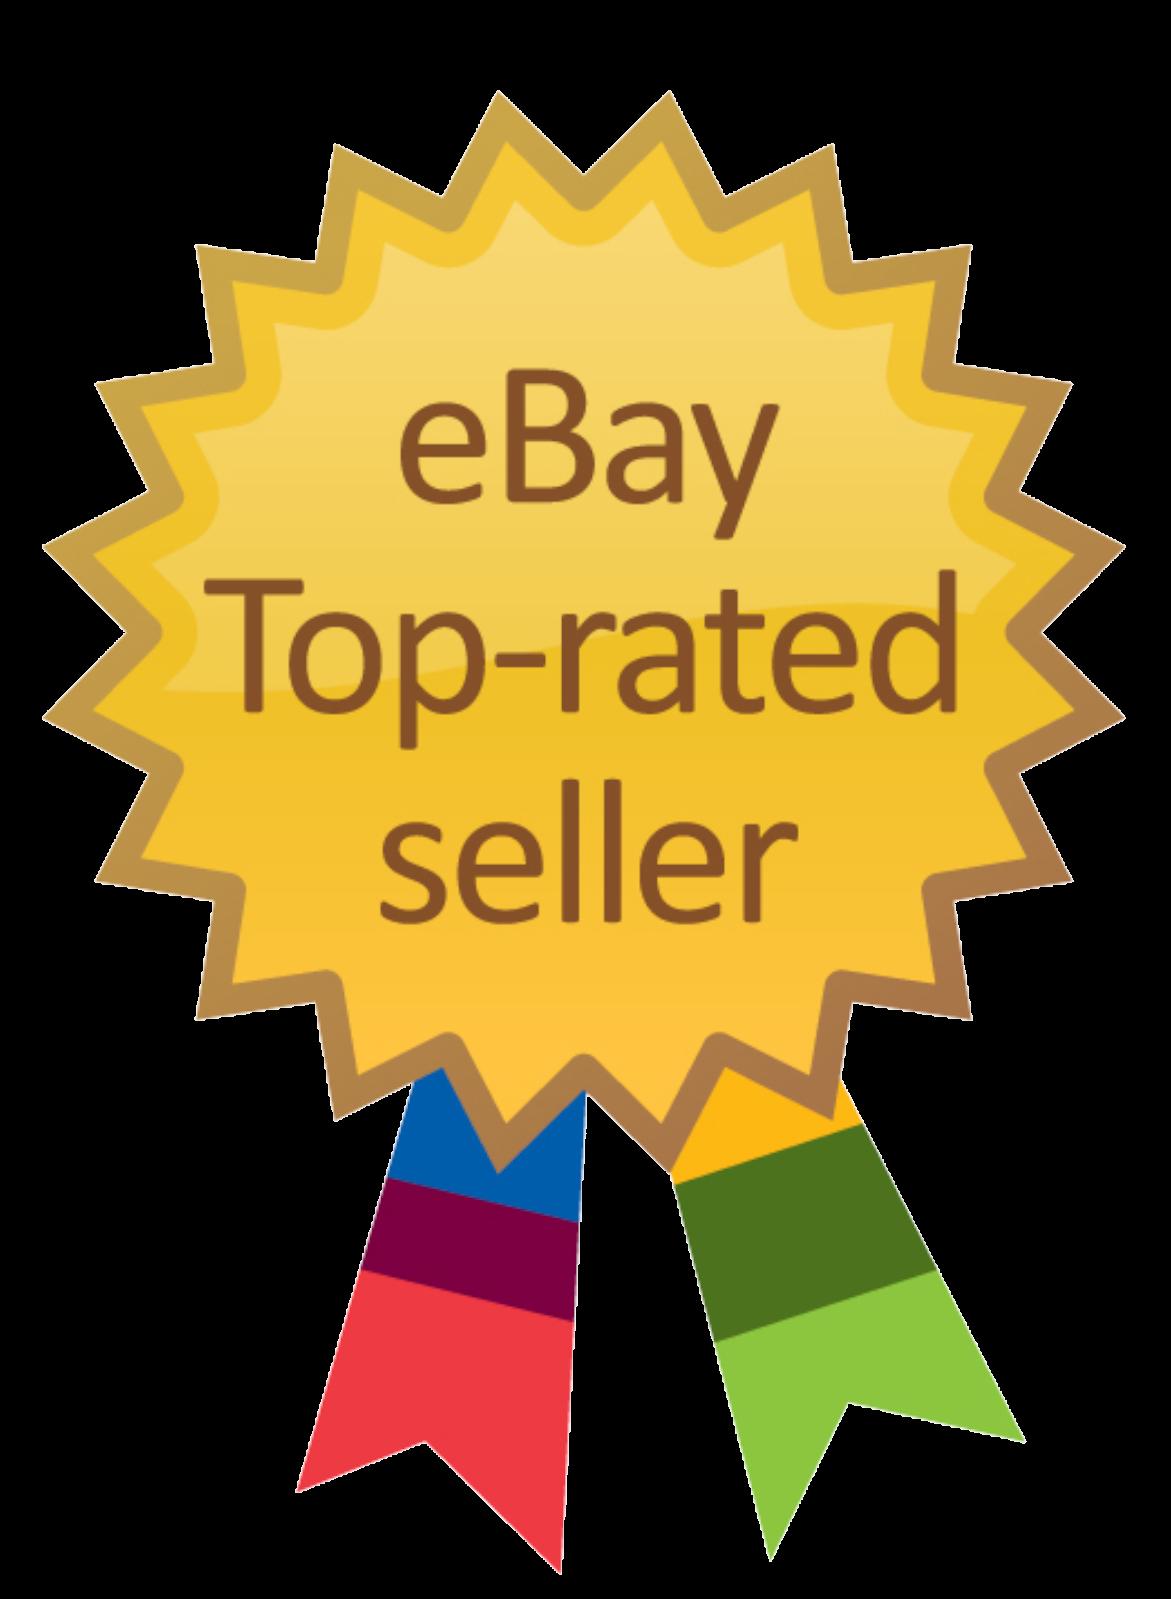 ebay_seller